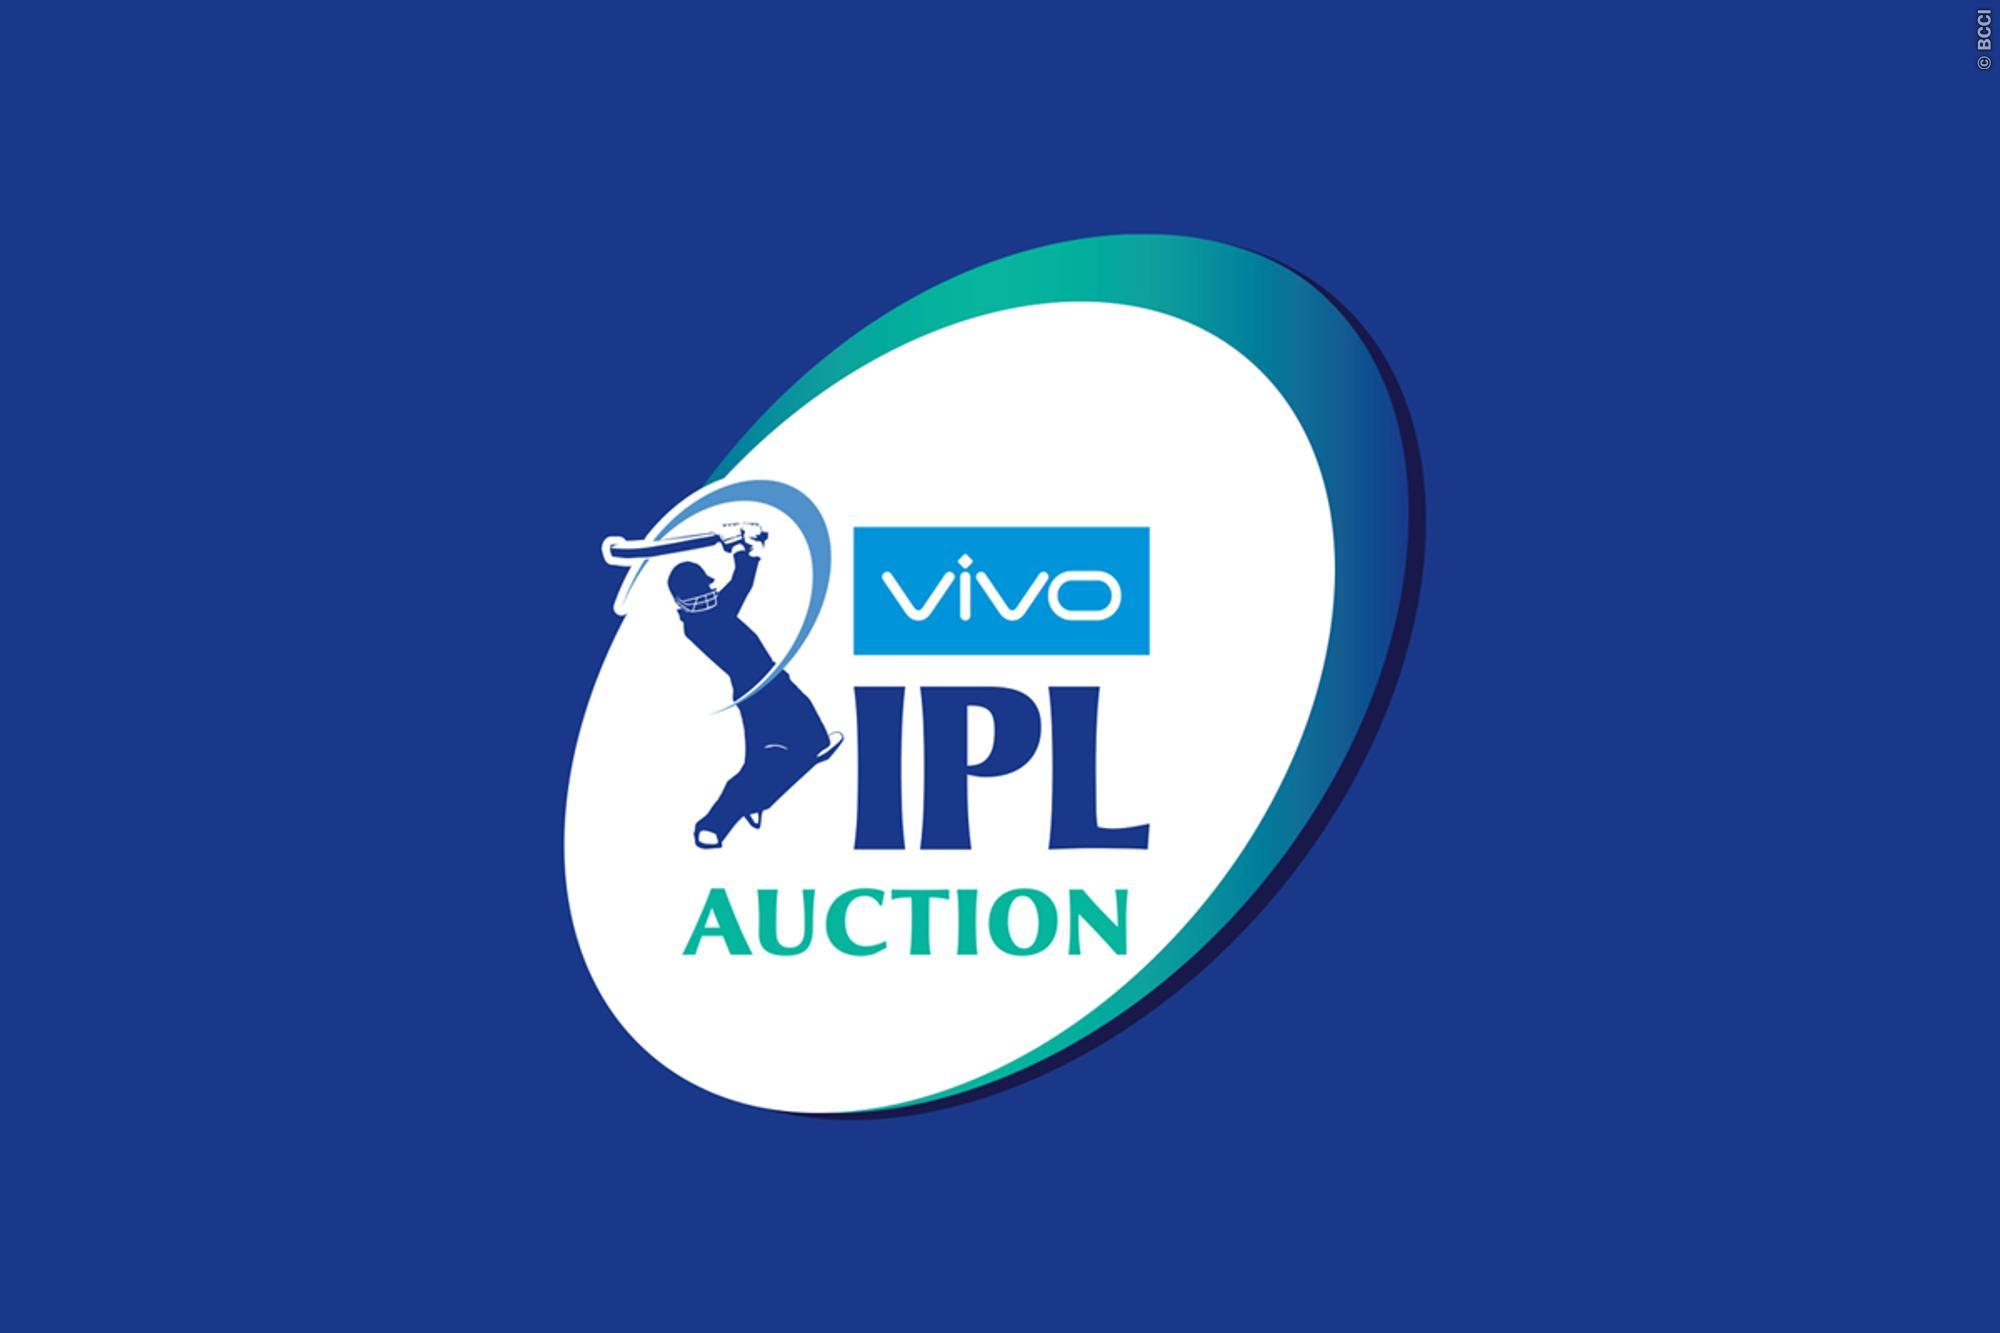 IPL AUCTION: कल नीलामी में मालामाल बन सकते हैं, यह 5 भारतीय तेज गेंदबाज 58